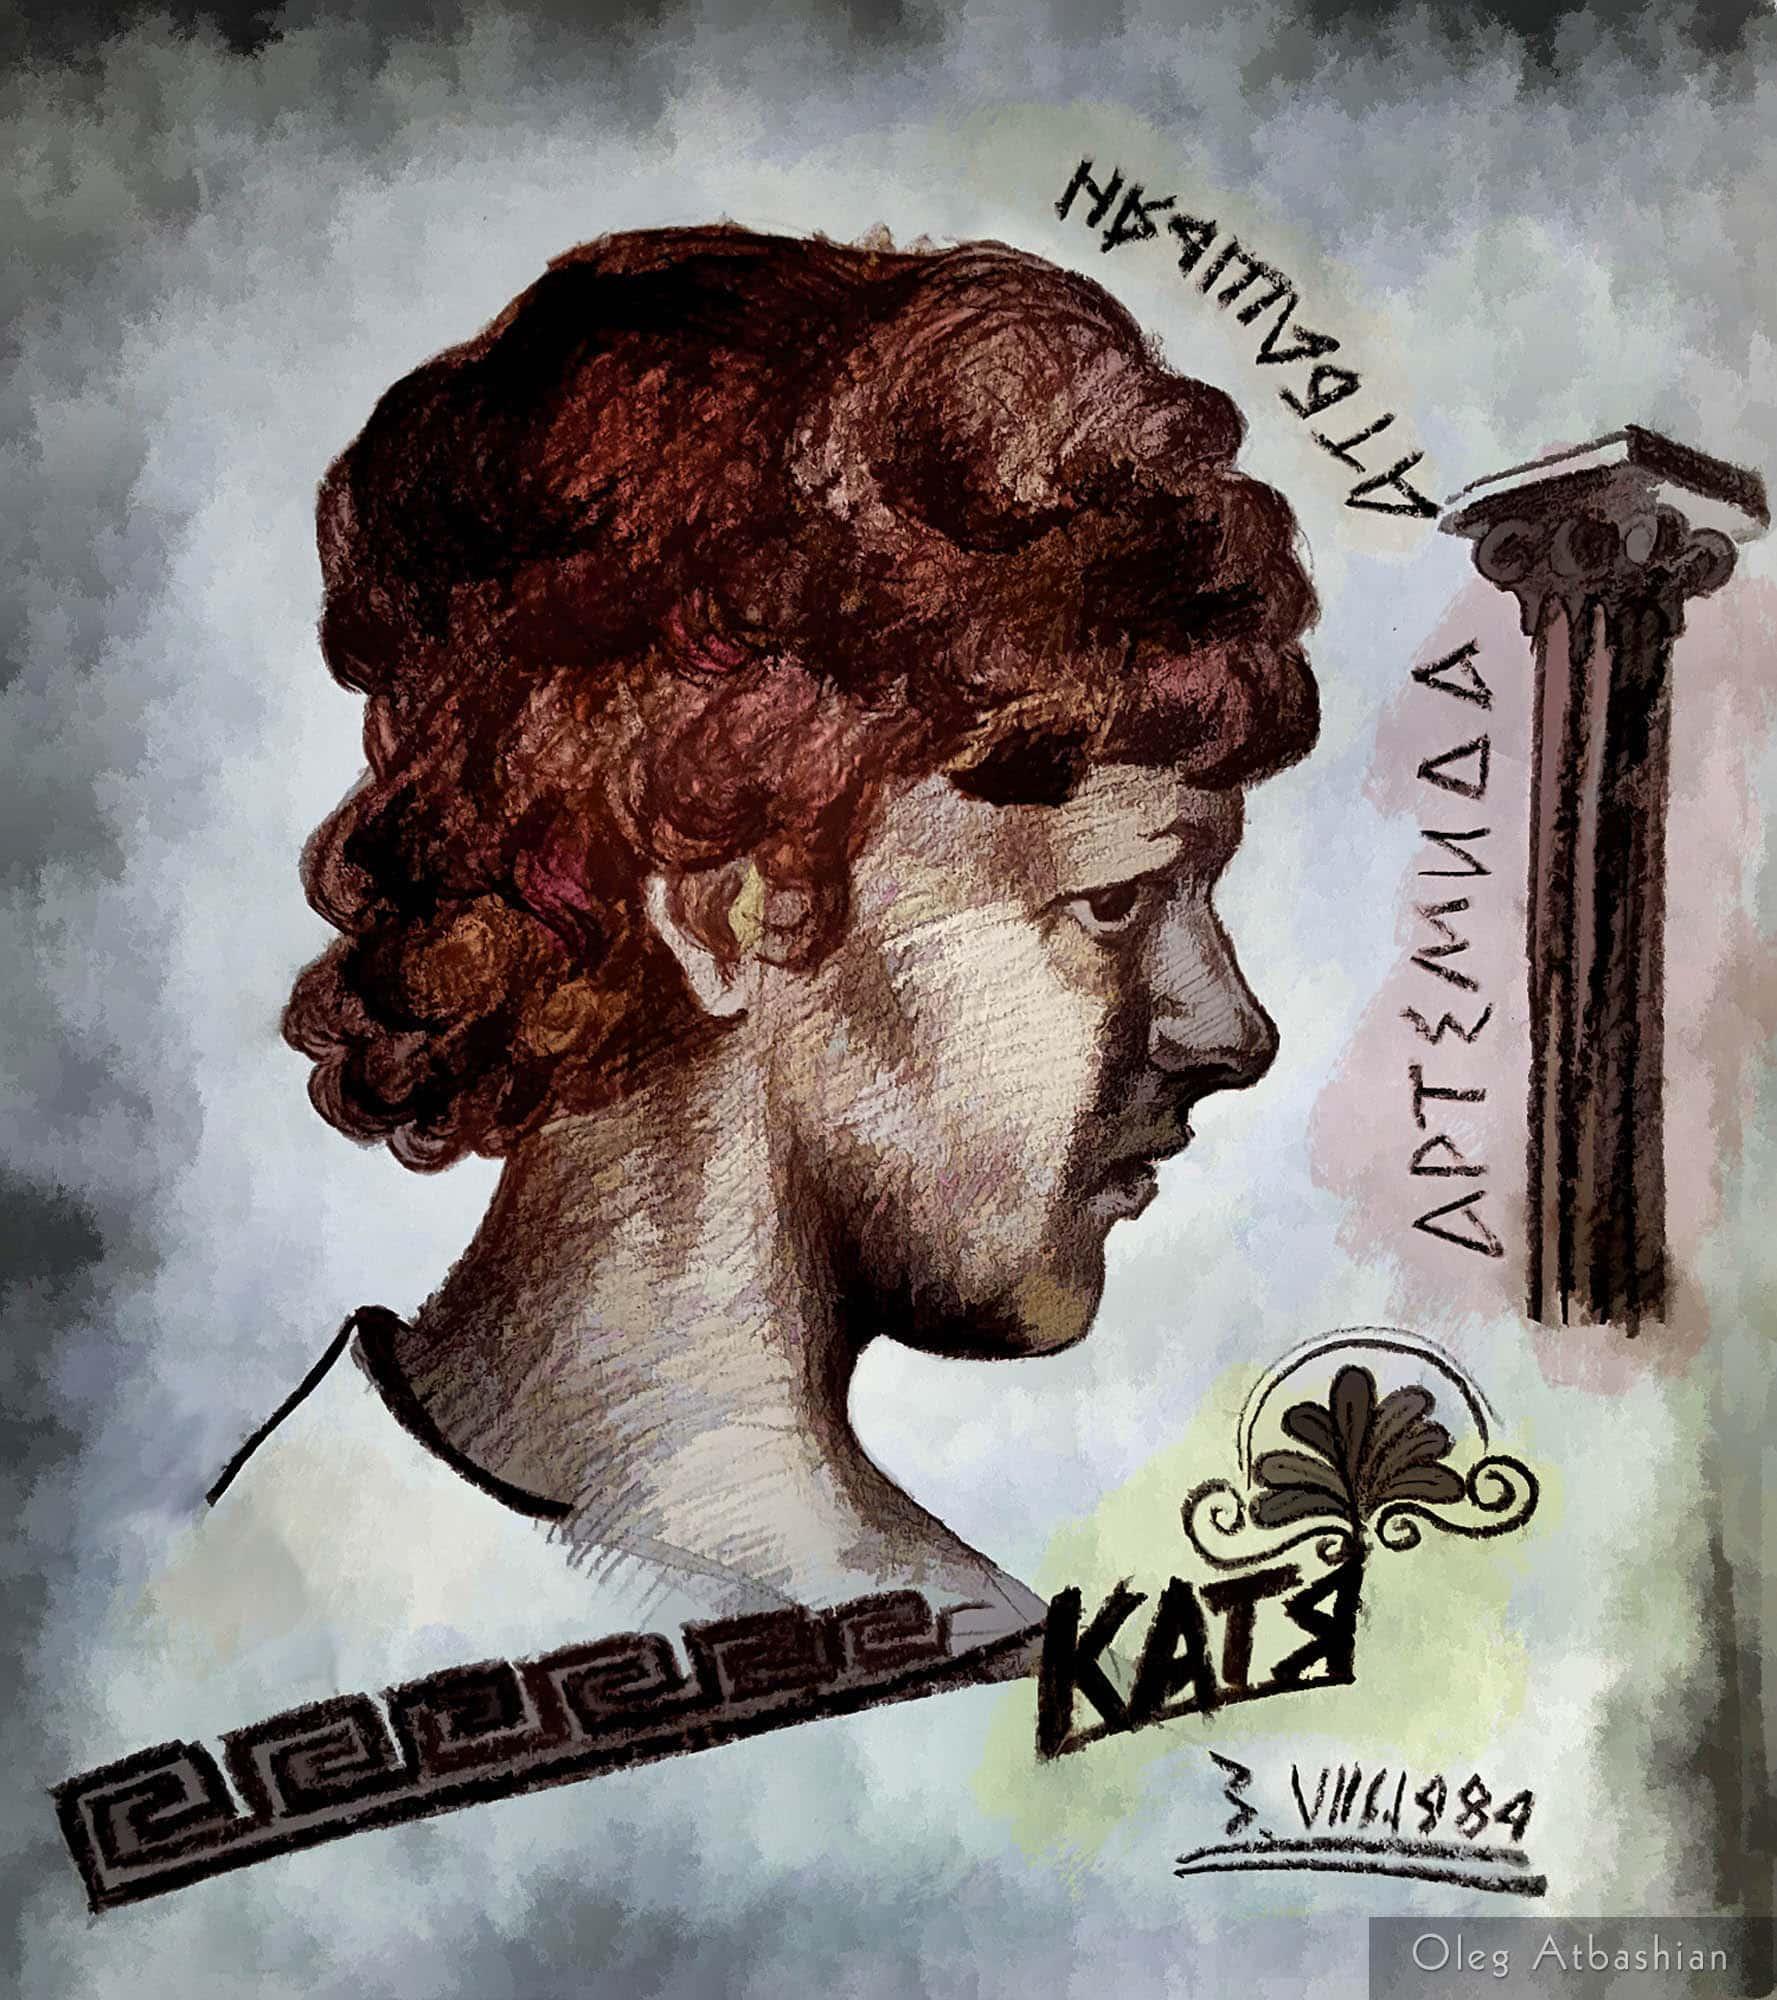 Portr Sister Katia as Artemis 2